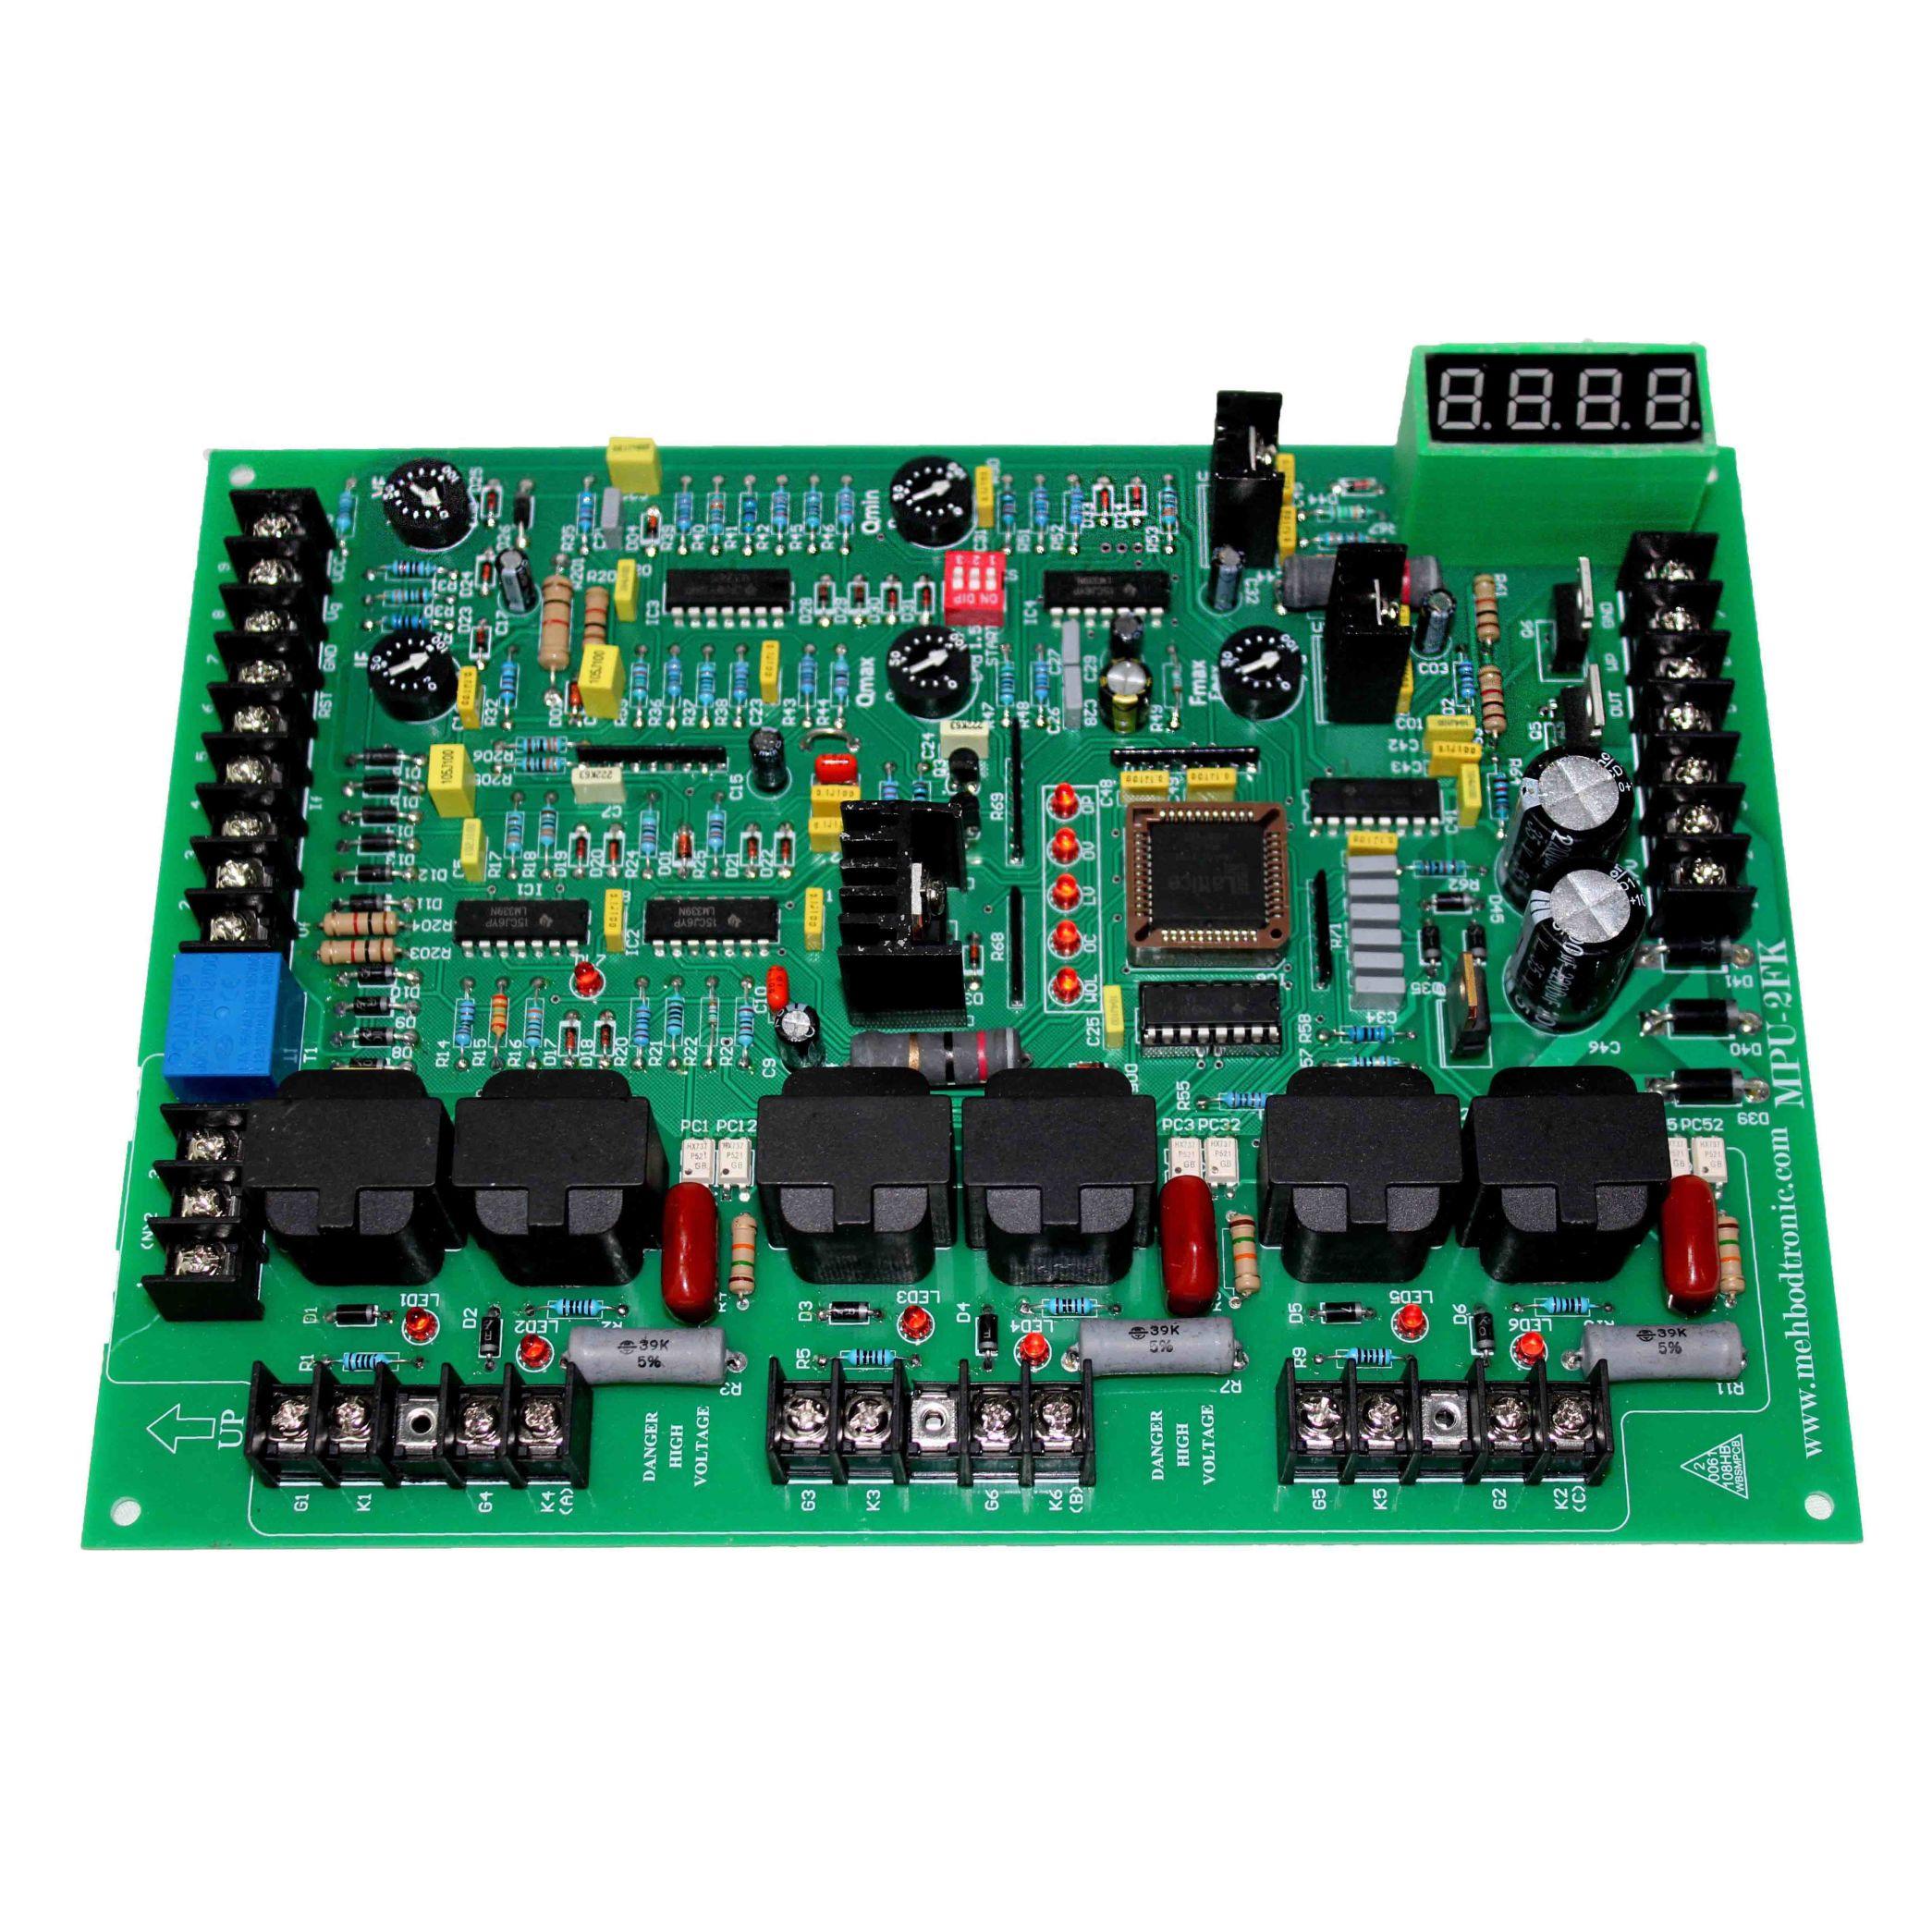 برد کنترل تریستور | MPU-2 FK | برد کنترل کننده کوره های القایی 3 فاز